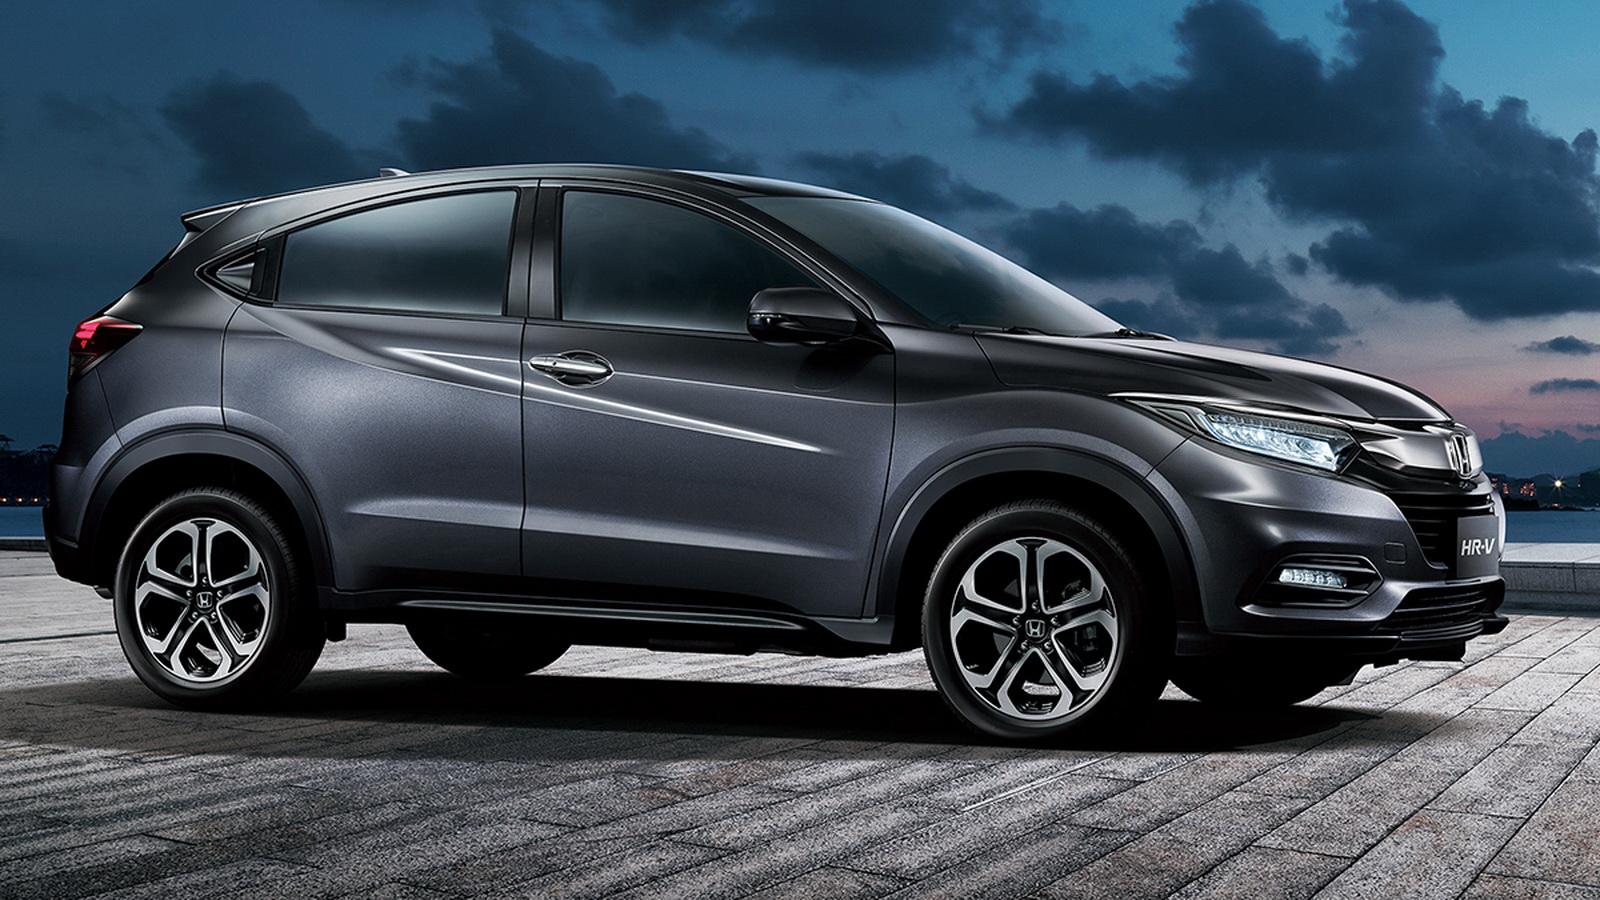 圖/2019 Honda HR-V(NEW) 1.8 S參考小型SUV格局,設計上融入MPV、Coupe多元素,各細節皆展現HR-V獨有的個性。